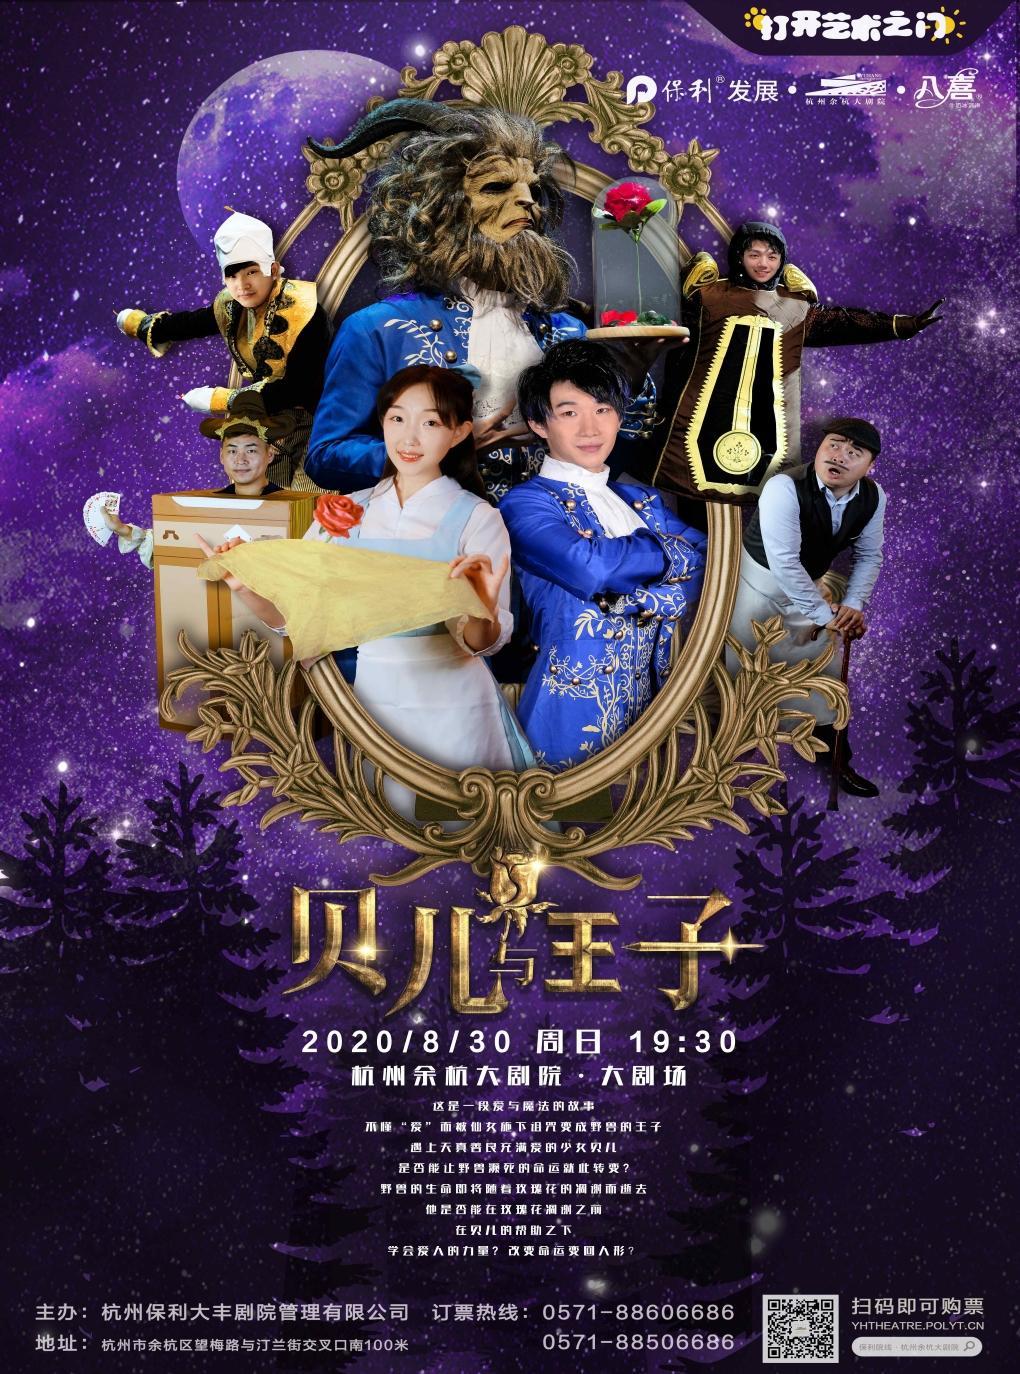 八喜·音乐魔术秀《贝儿与王子之新年派对》